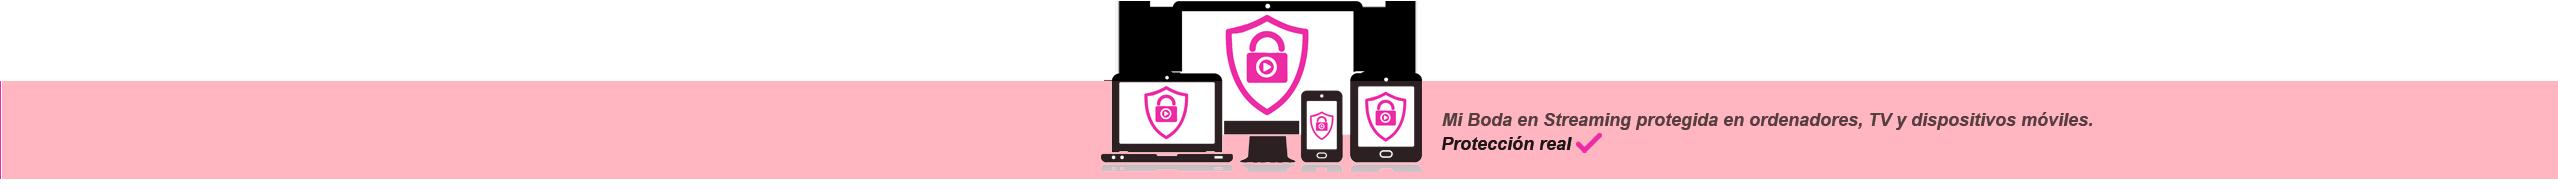 Protección ordenadores y dispositivos móviles